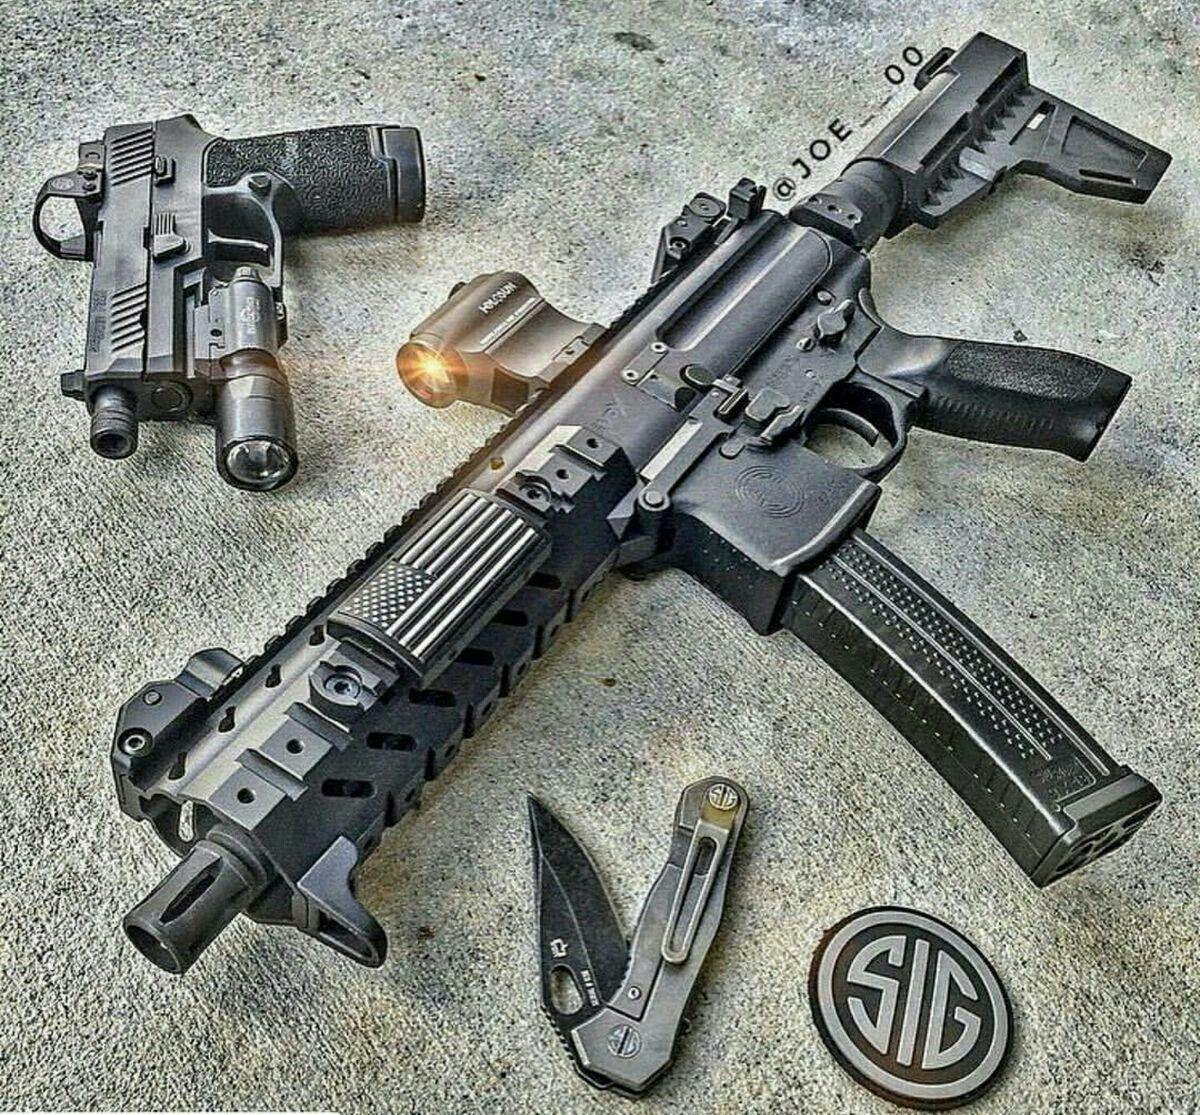 Pin By Cristian On Guns Airsoft Guns Guns Tactical Guns